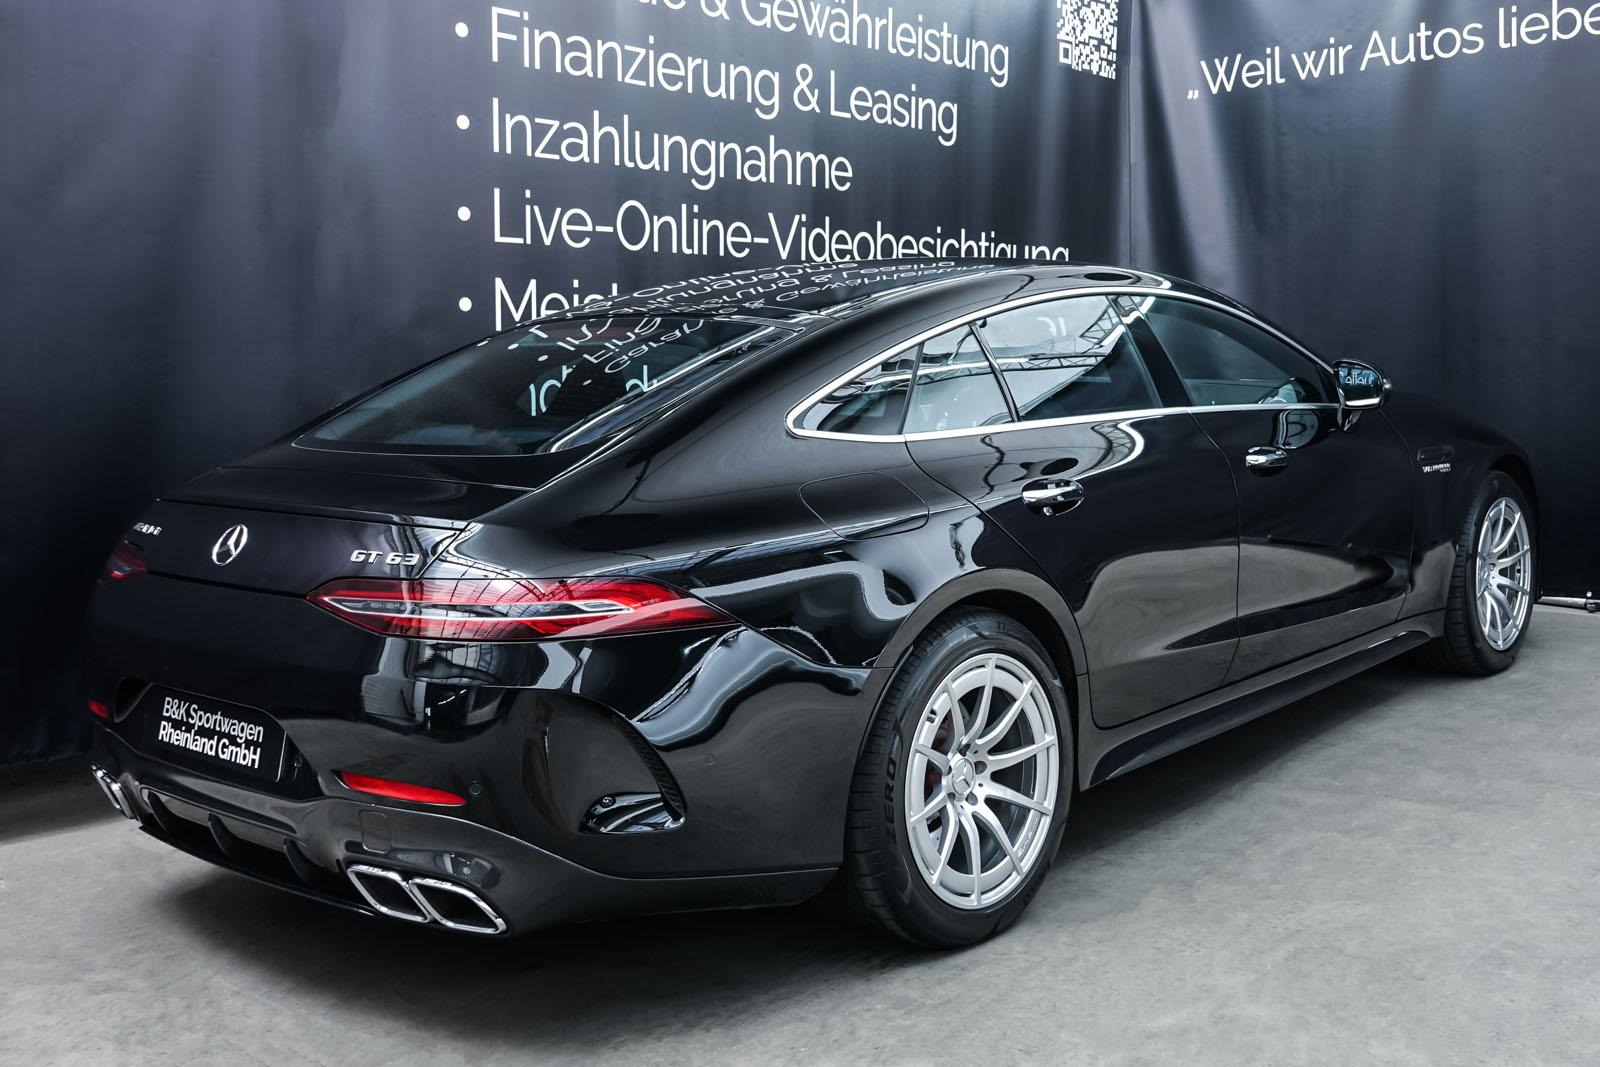 MercedesBenz_AMG_GT63_4MATIC+_Schwarz_Schwarz_14_w